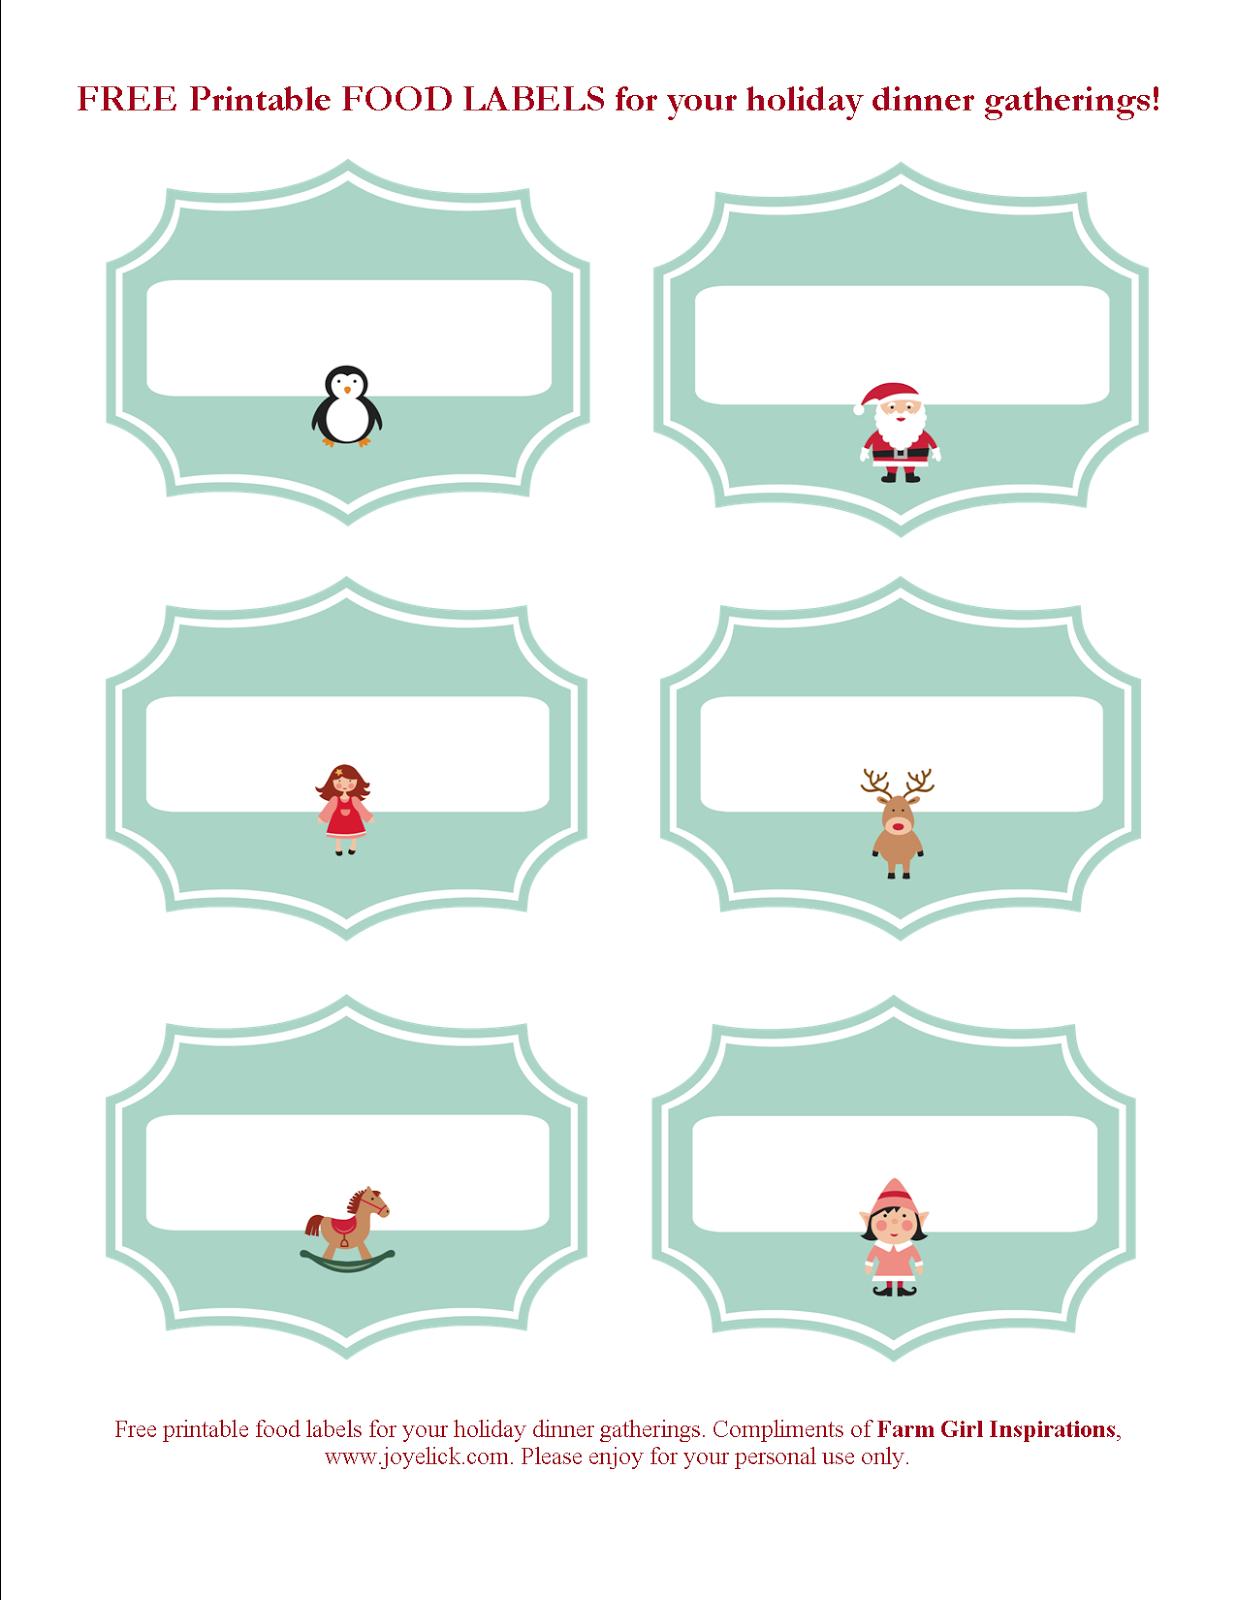 Free Printable Christmas Planner Set: Stay Organized This Holiday - Free Printable Christmas Food Labels